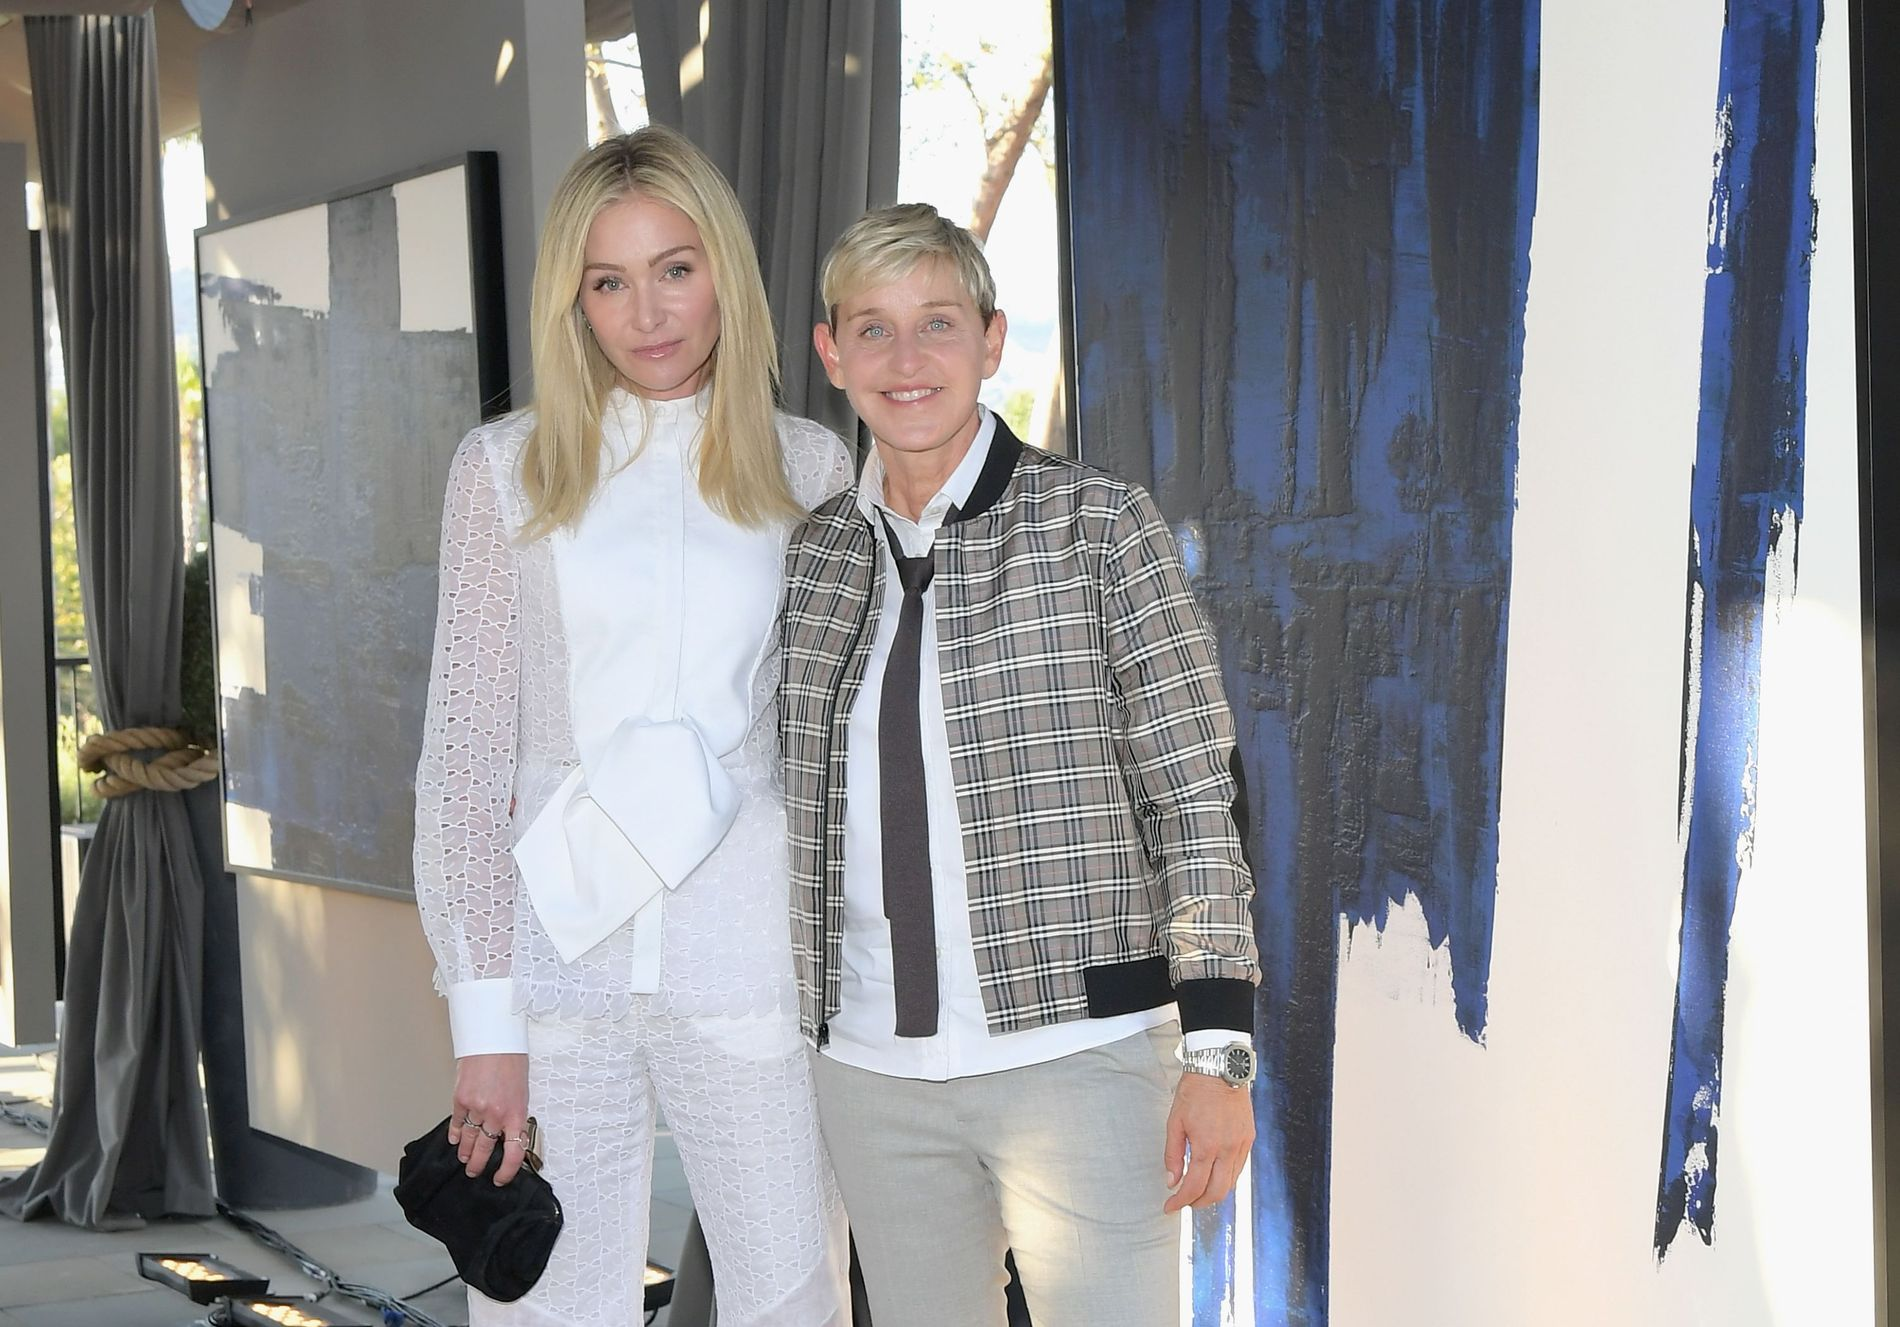 FAMILIE: Programlederen og kona Portia de Rossi på utstilling i Los Angeles i juni 2018.